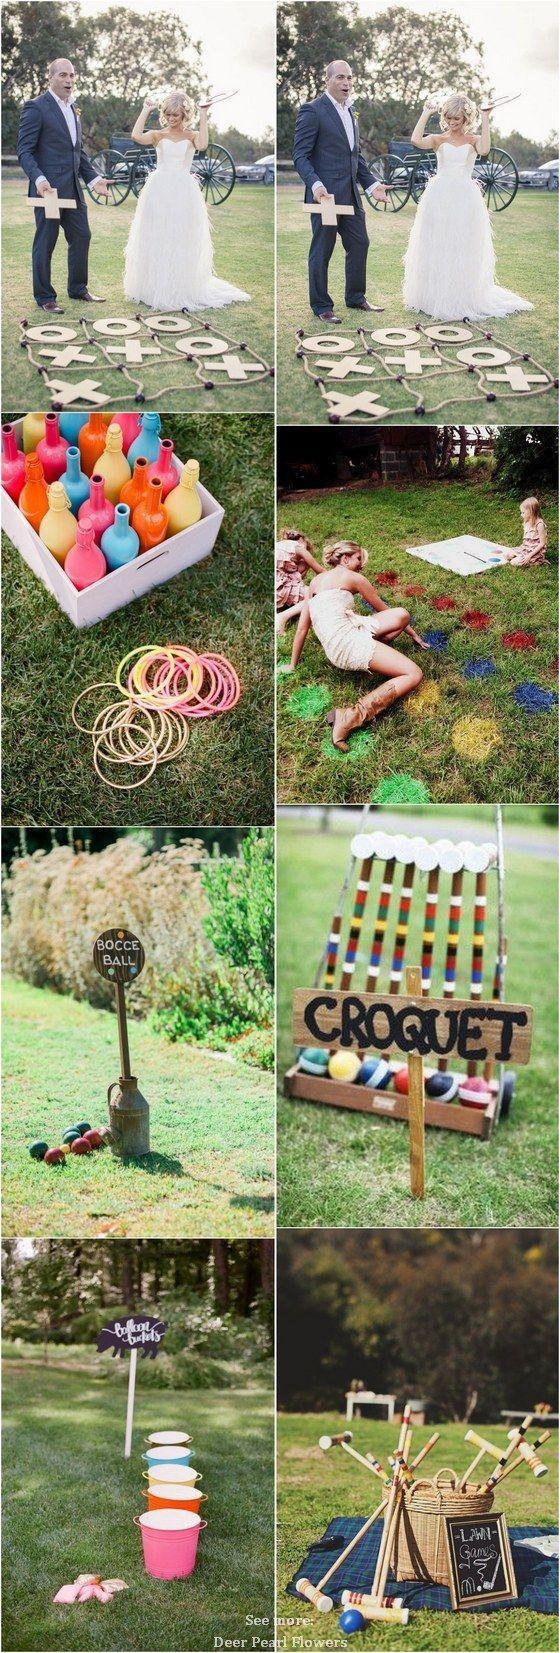 45 Idées amusantes de jeux de pelouse pour une réception de mariage en plein air #Gratuit #Réception de mariage # …